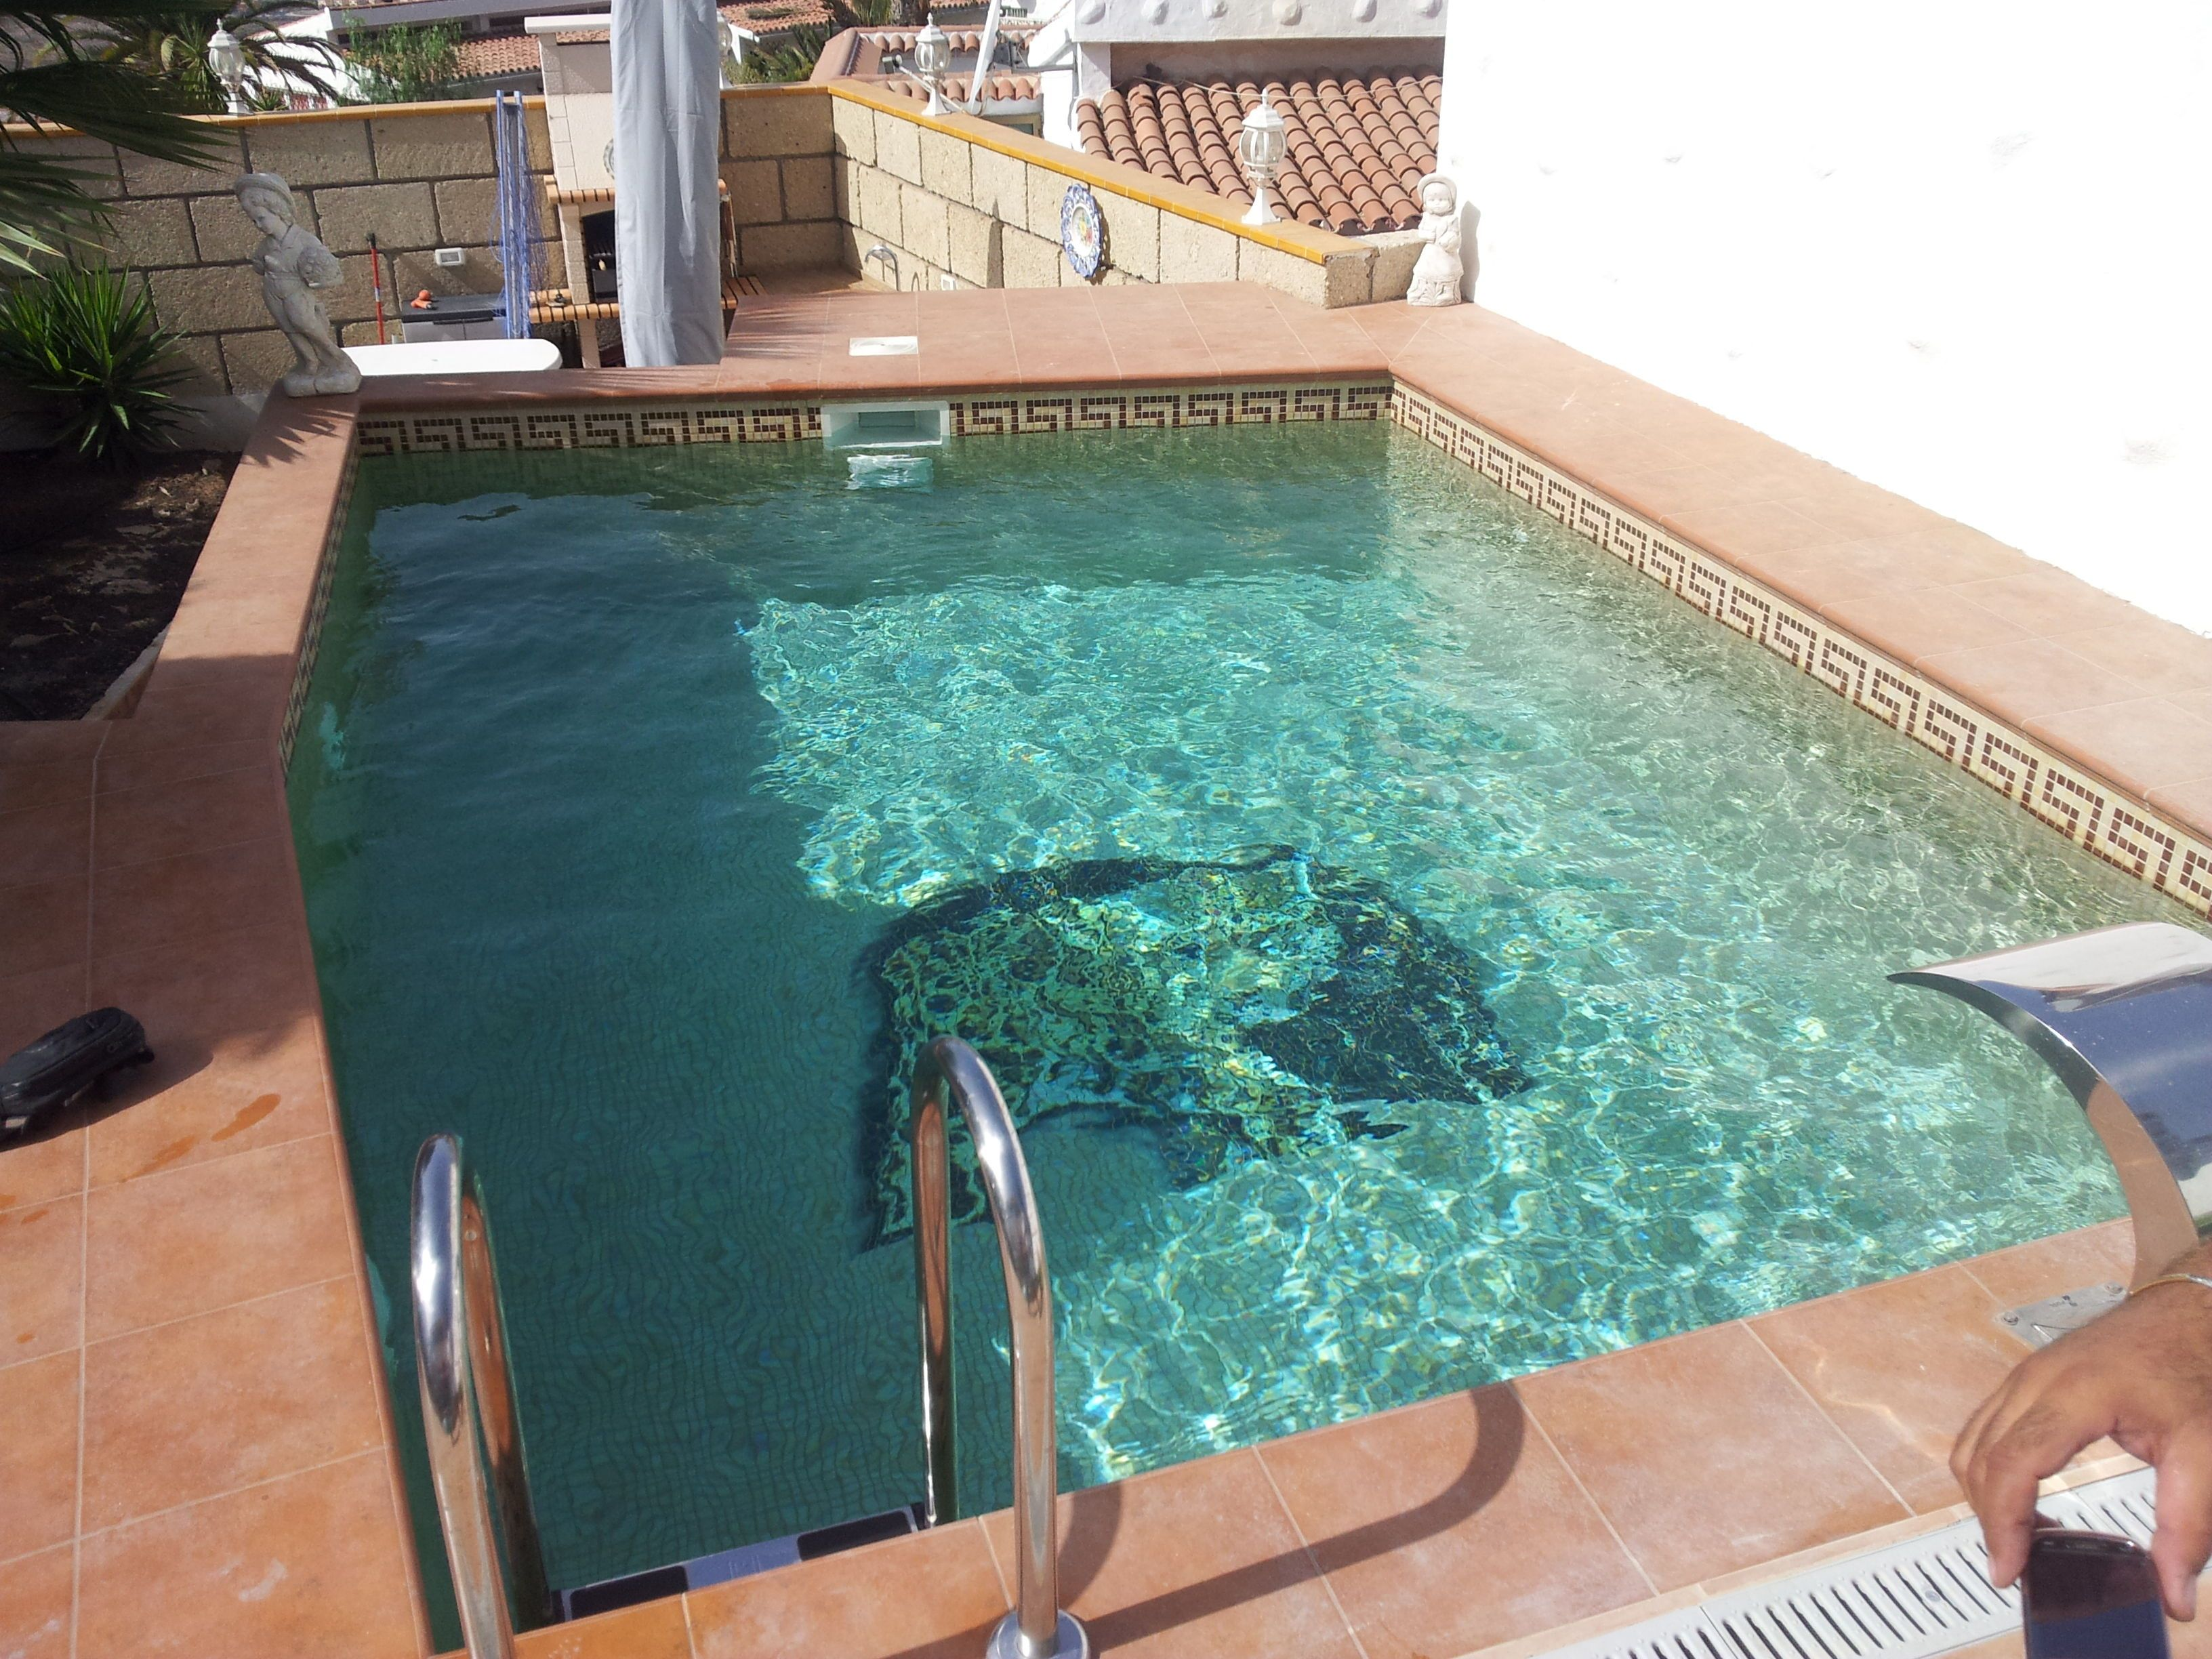 Construcci n de piscinas en tenerife coral piscinas for Construccion de piscinas temperadas